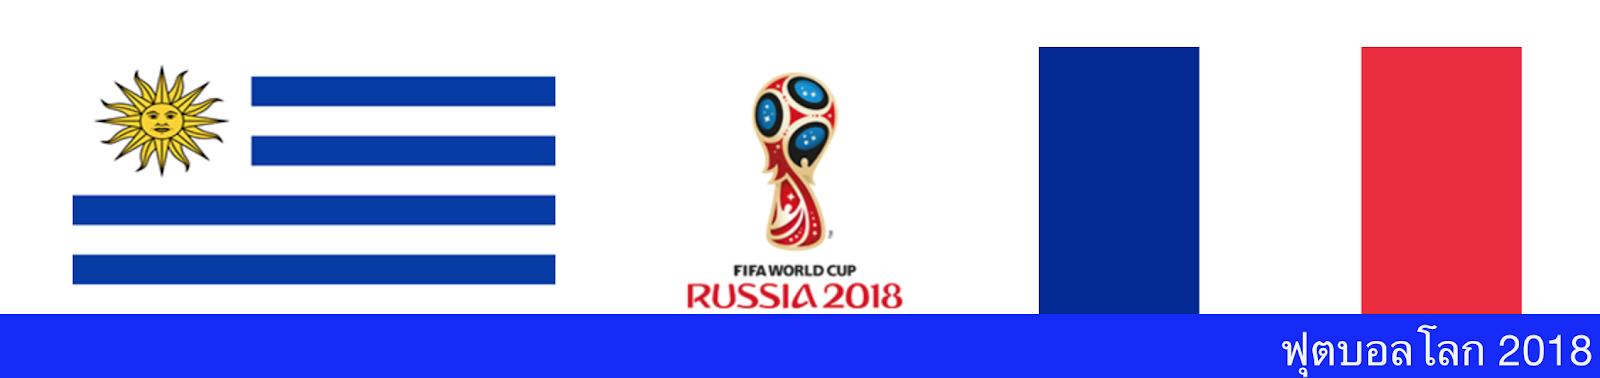 ดูบอลสด วิเคราะห์บอล ฟุตบอลโลก ระหว่าง อุรุกวัย vs ฝรั่งเศส